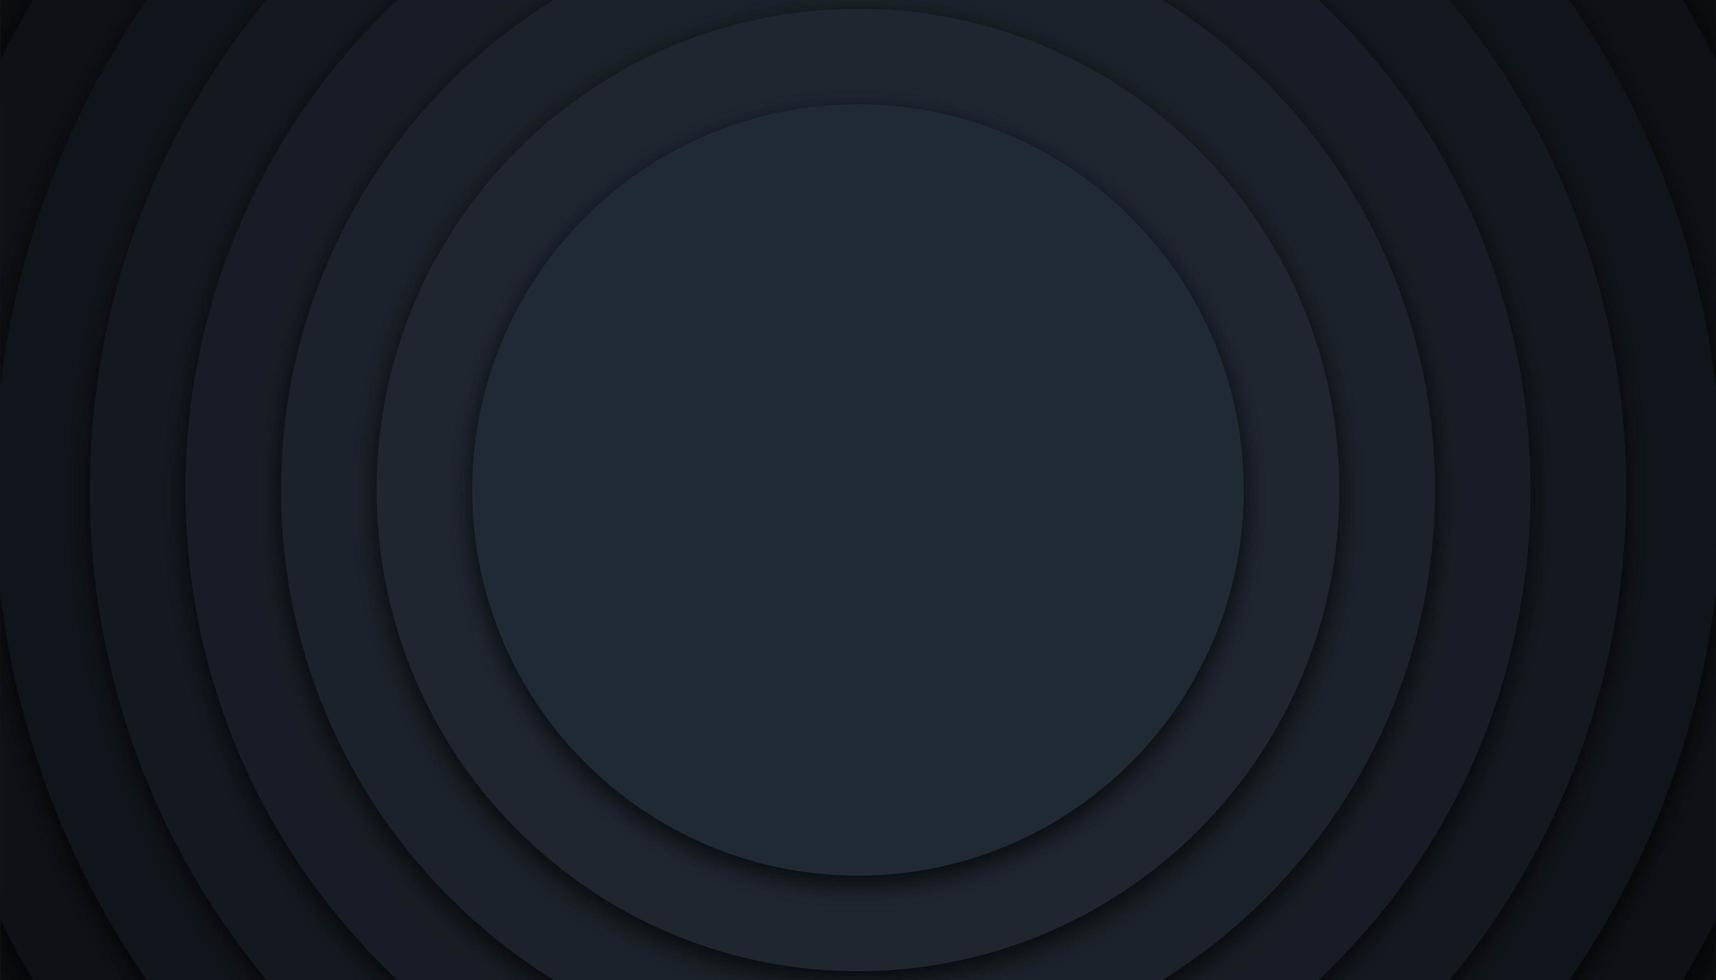 svart cirkulär geometrisk lager design vektor